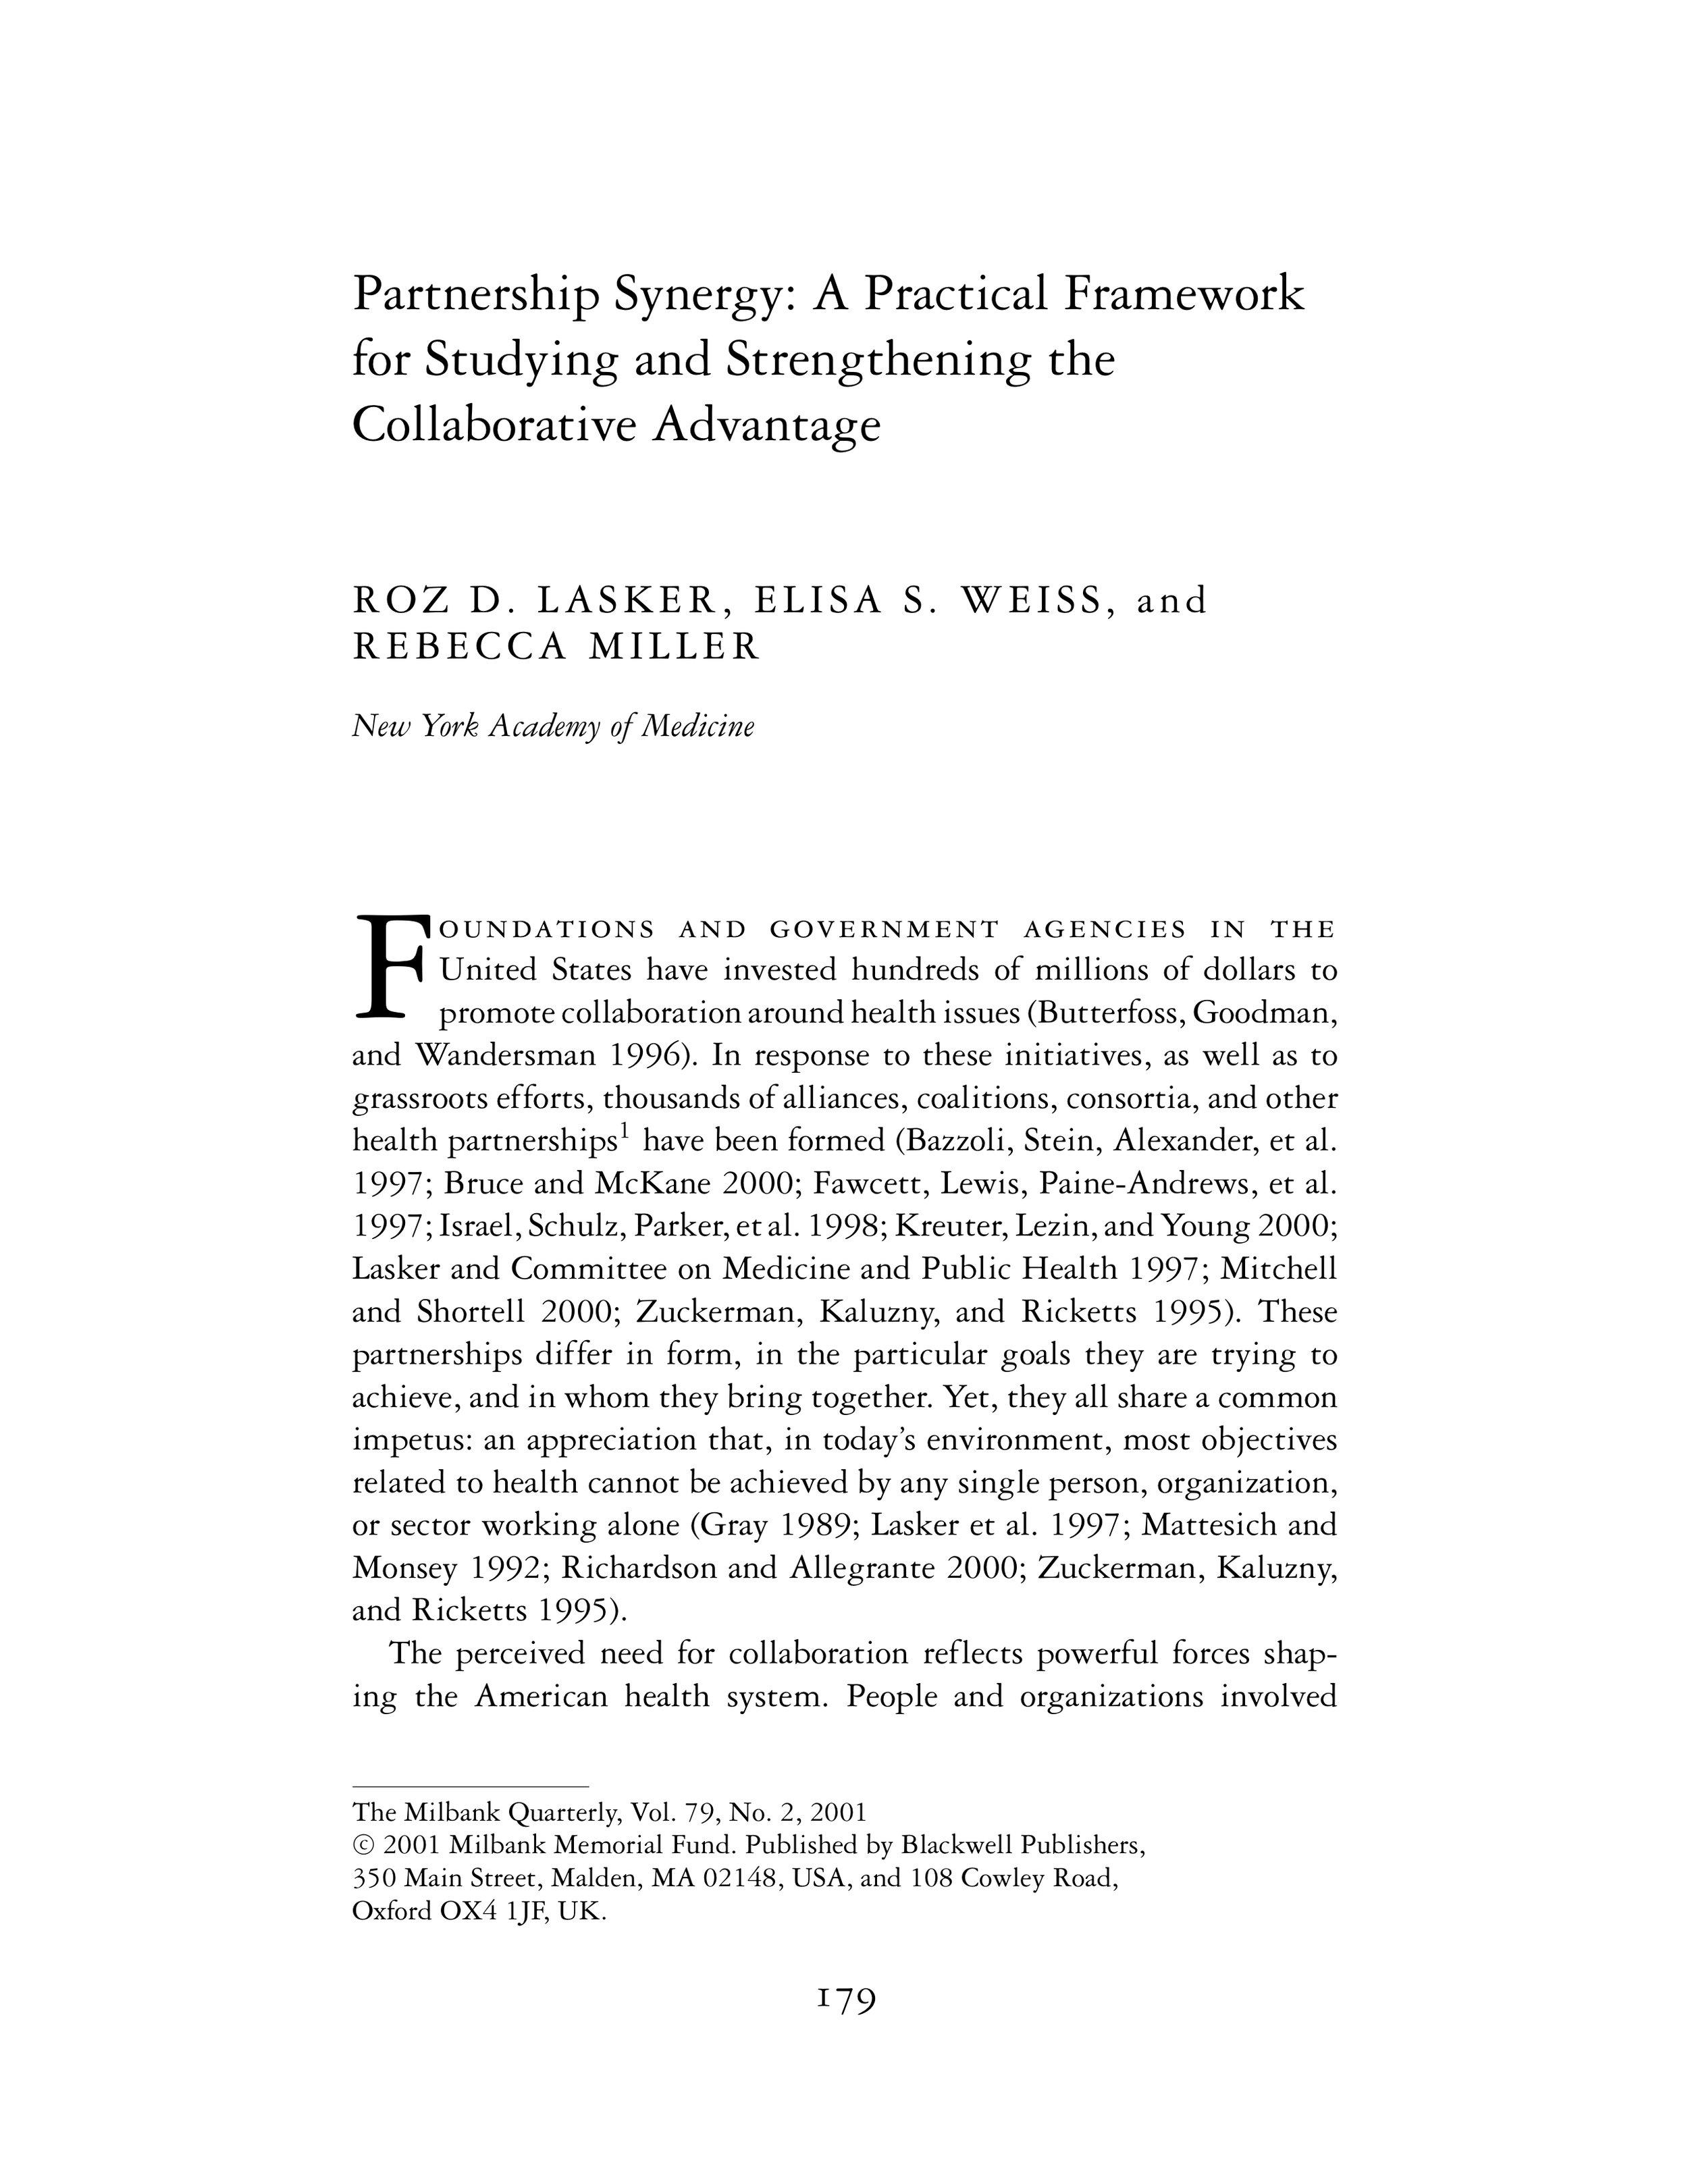 THEORY Lasker, Weiss & Miller, 2001.jpg